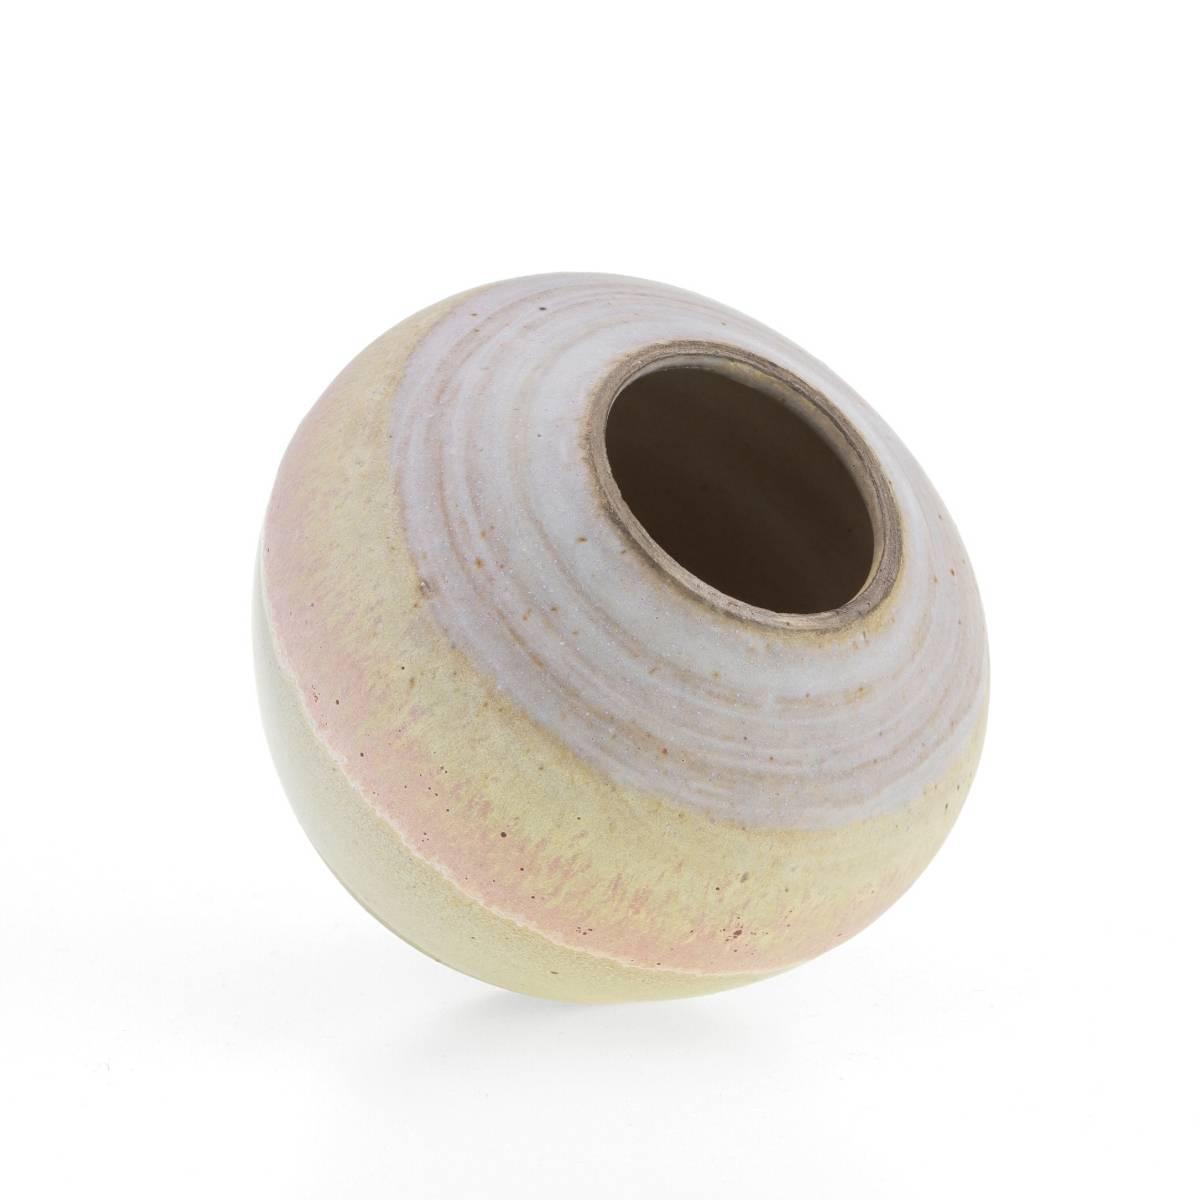 Nordic-vase-no03_2